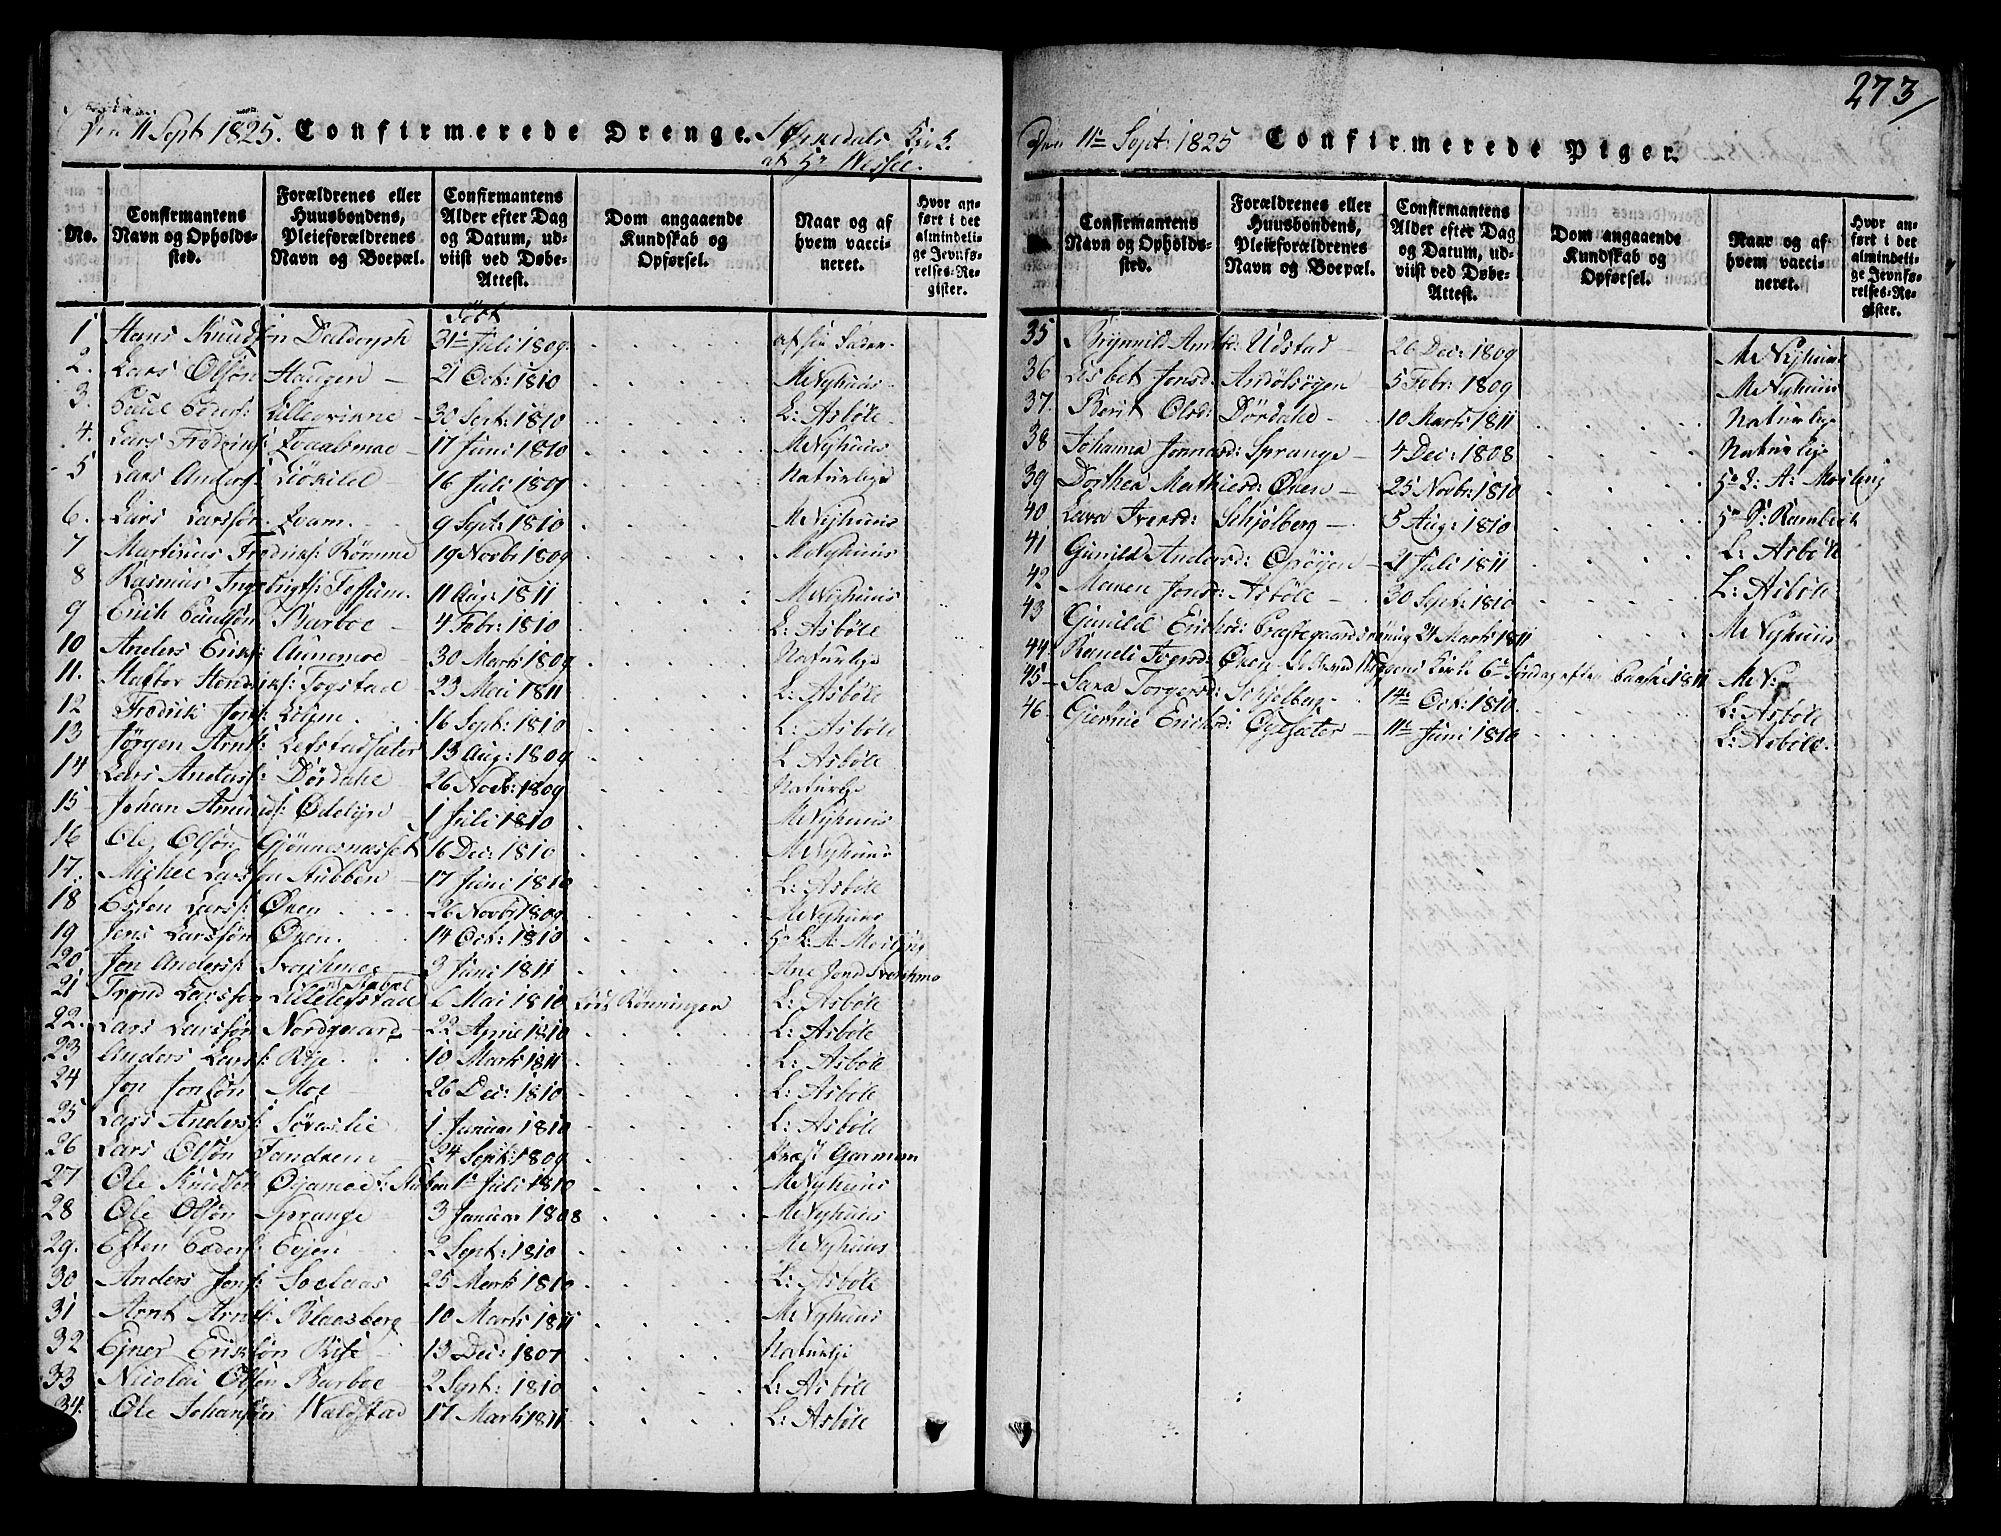 SAT, Ministerialprotokoller, klokkerbøker og fødselsregistre - Sør-Trøndelag, 668/L0803: Ministerialbok nr. 668A03, 1800-1826, s. 273